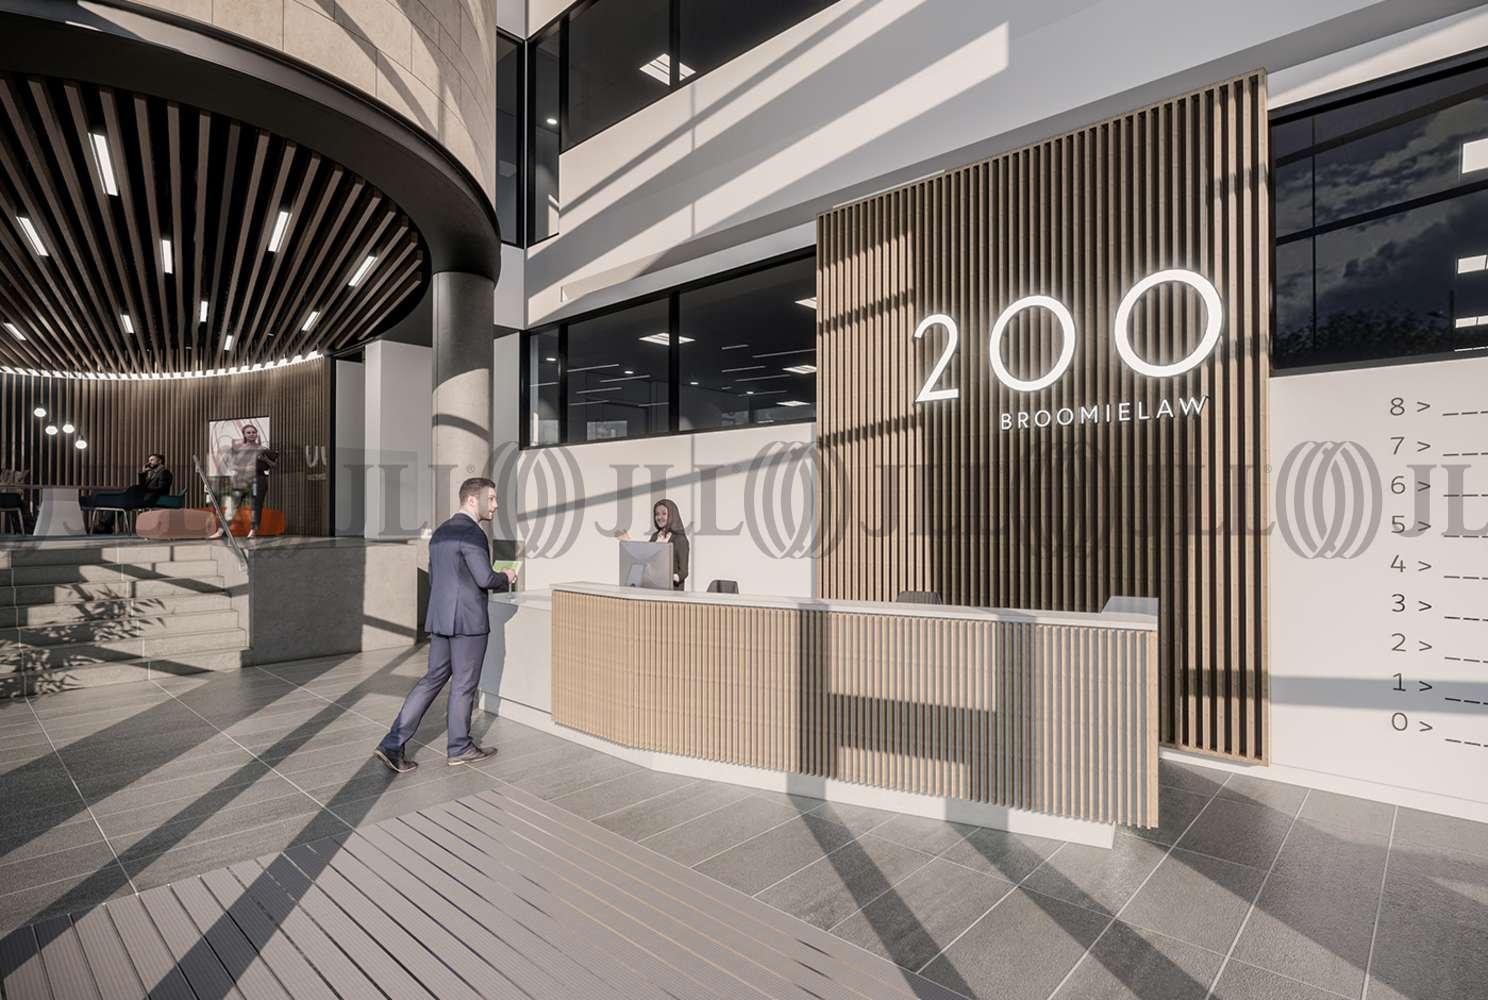 Office Glasgow, G1 4RU - 200 Broomielaw